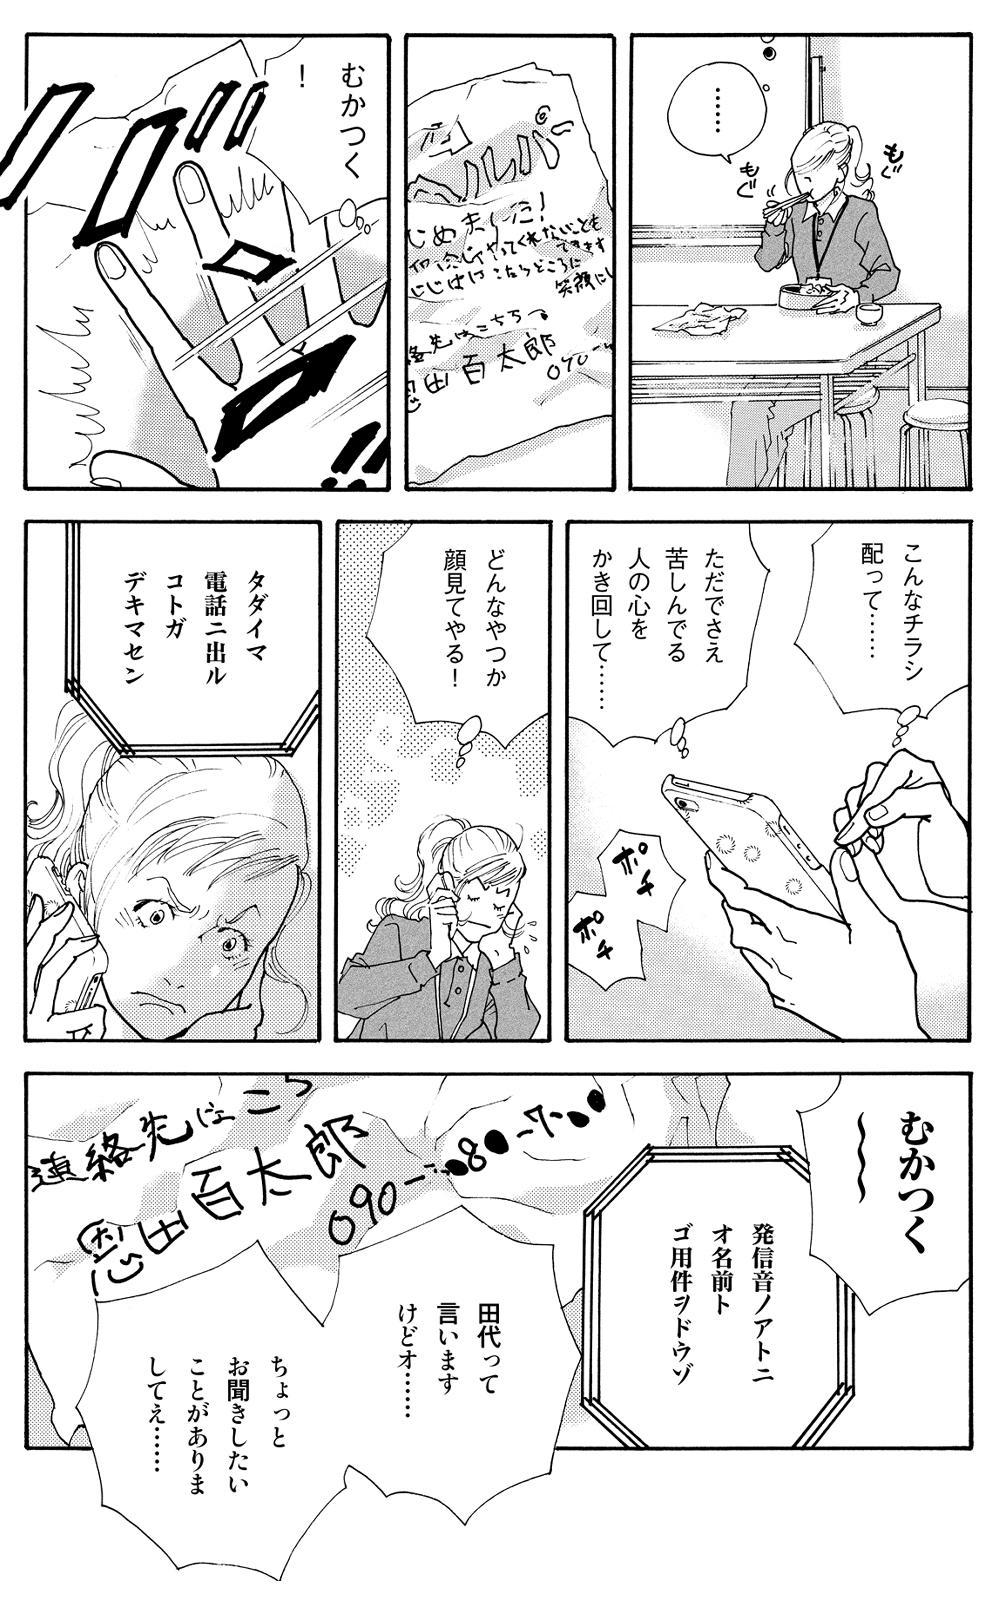 ヘルプマン!! 第3話「怪しい男」helpman03-05.jpg